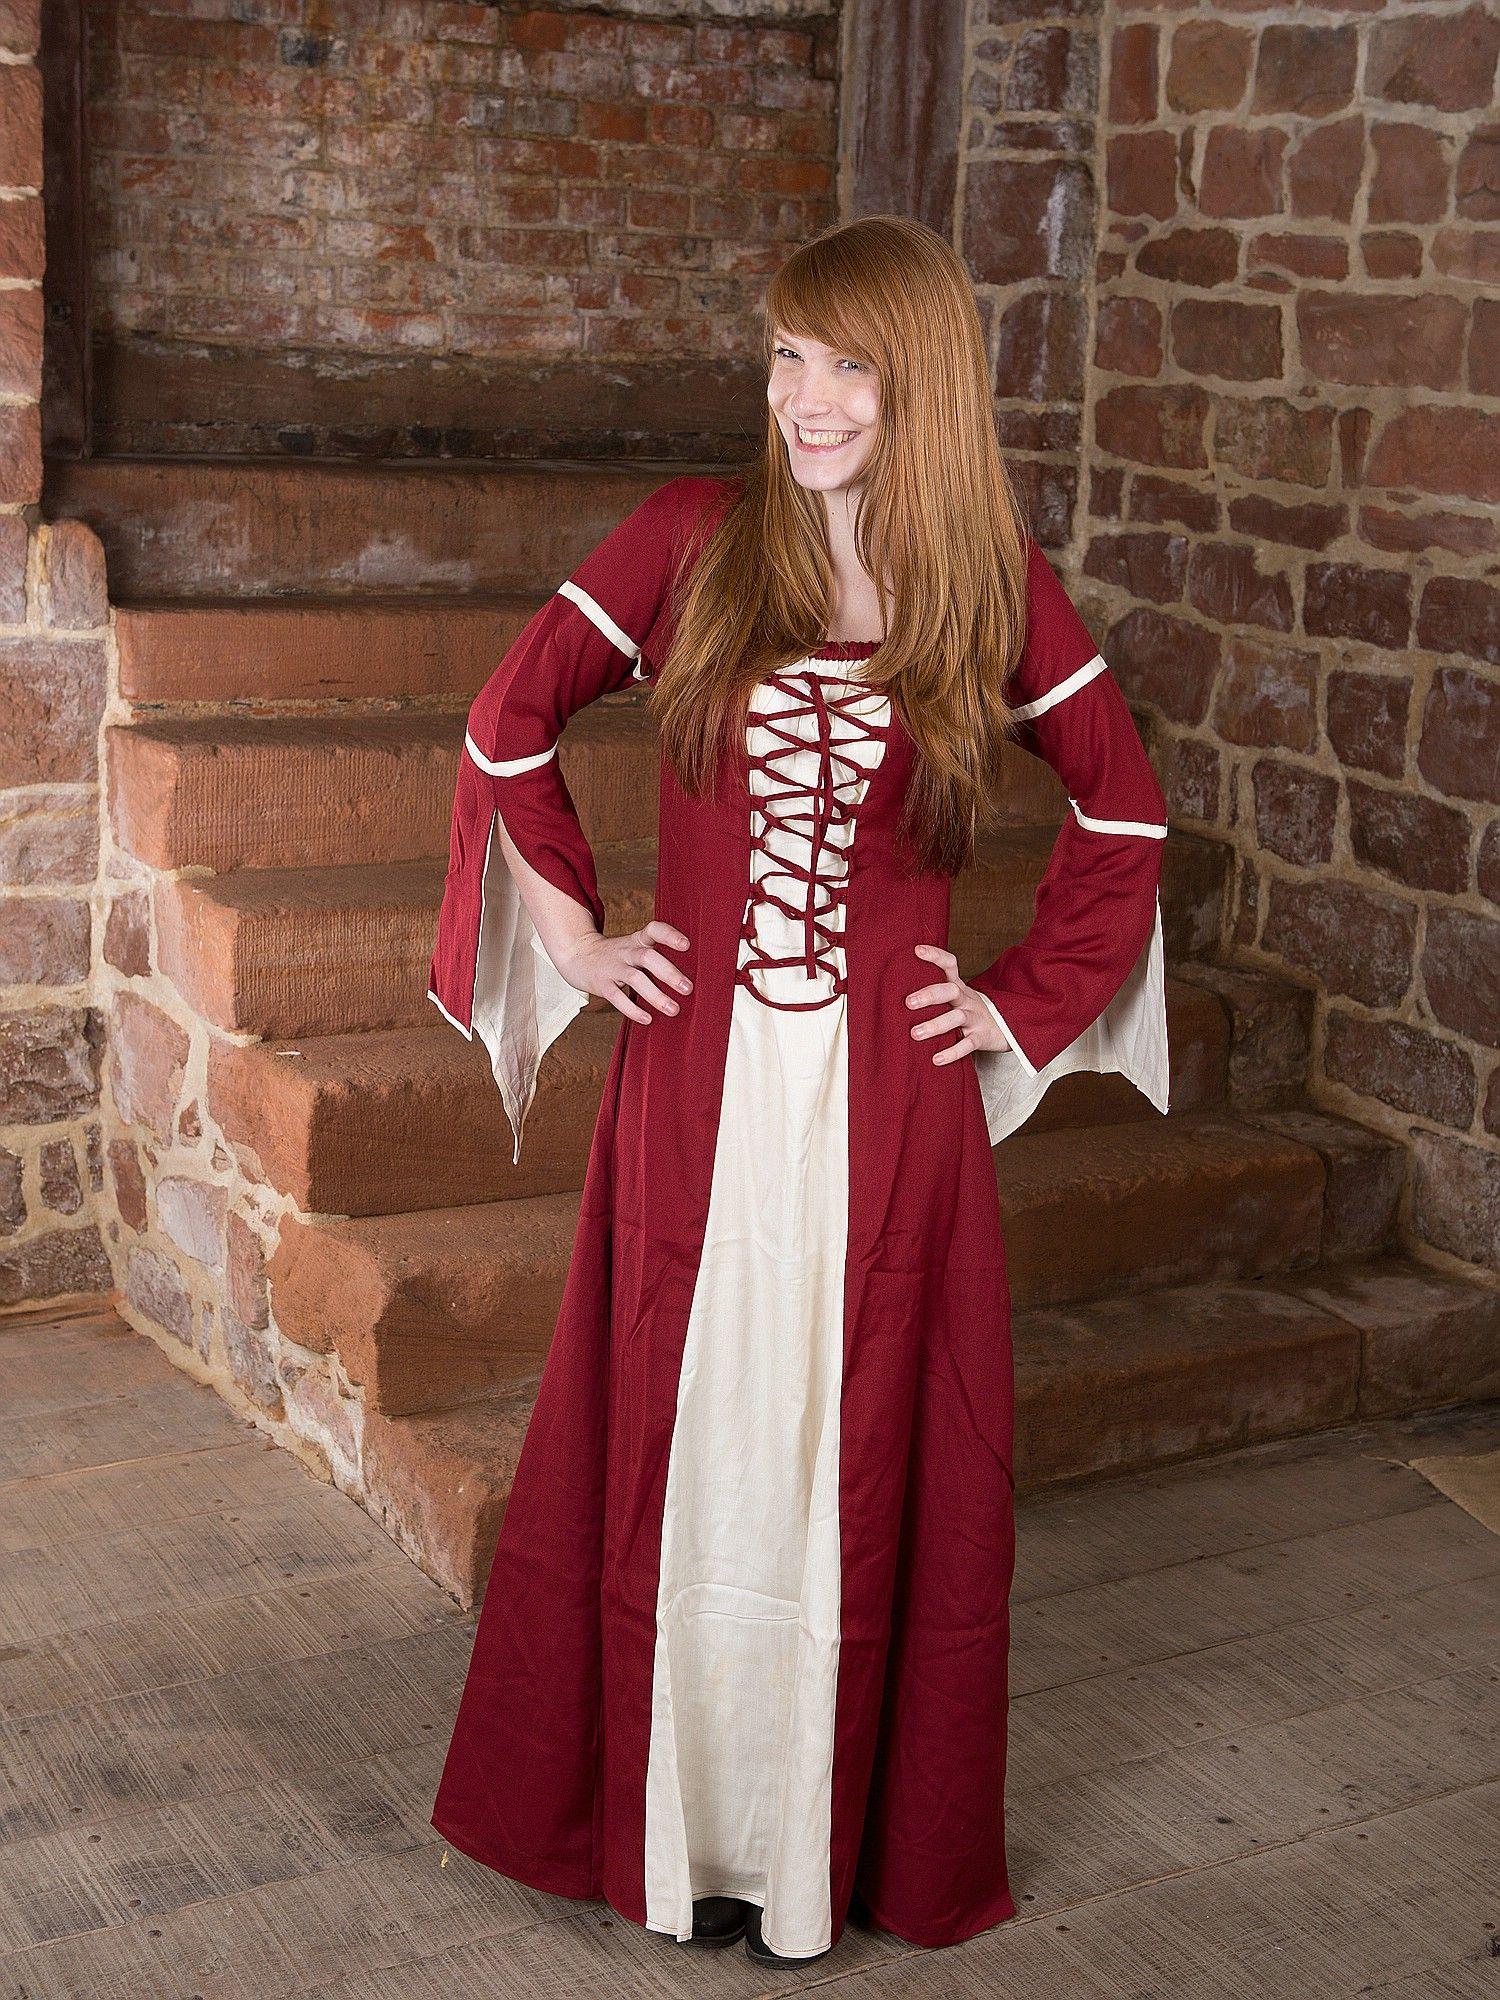 Teen medieval costume